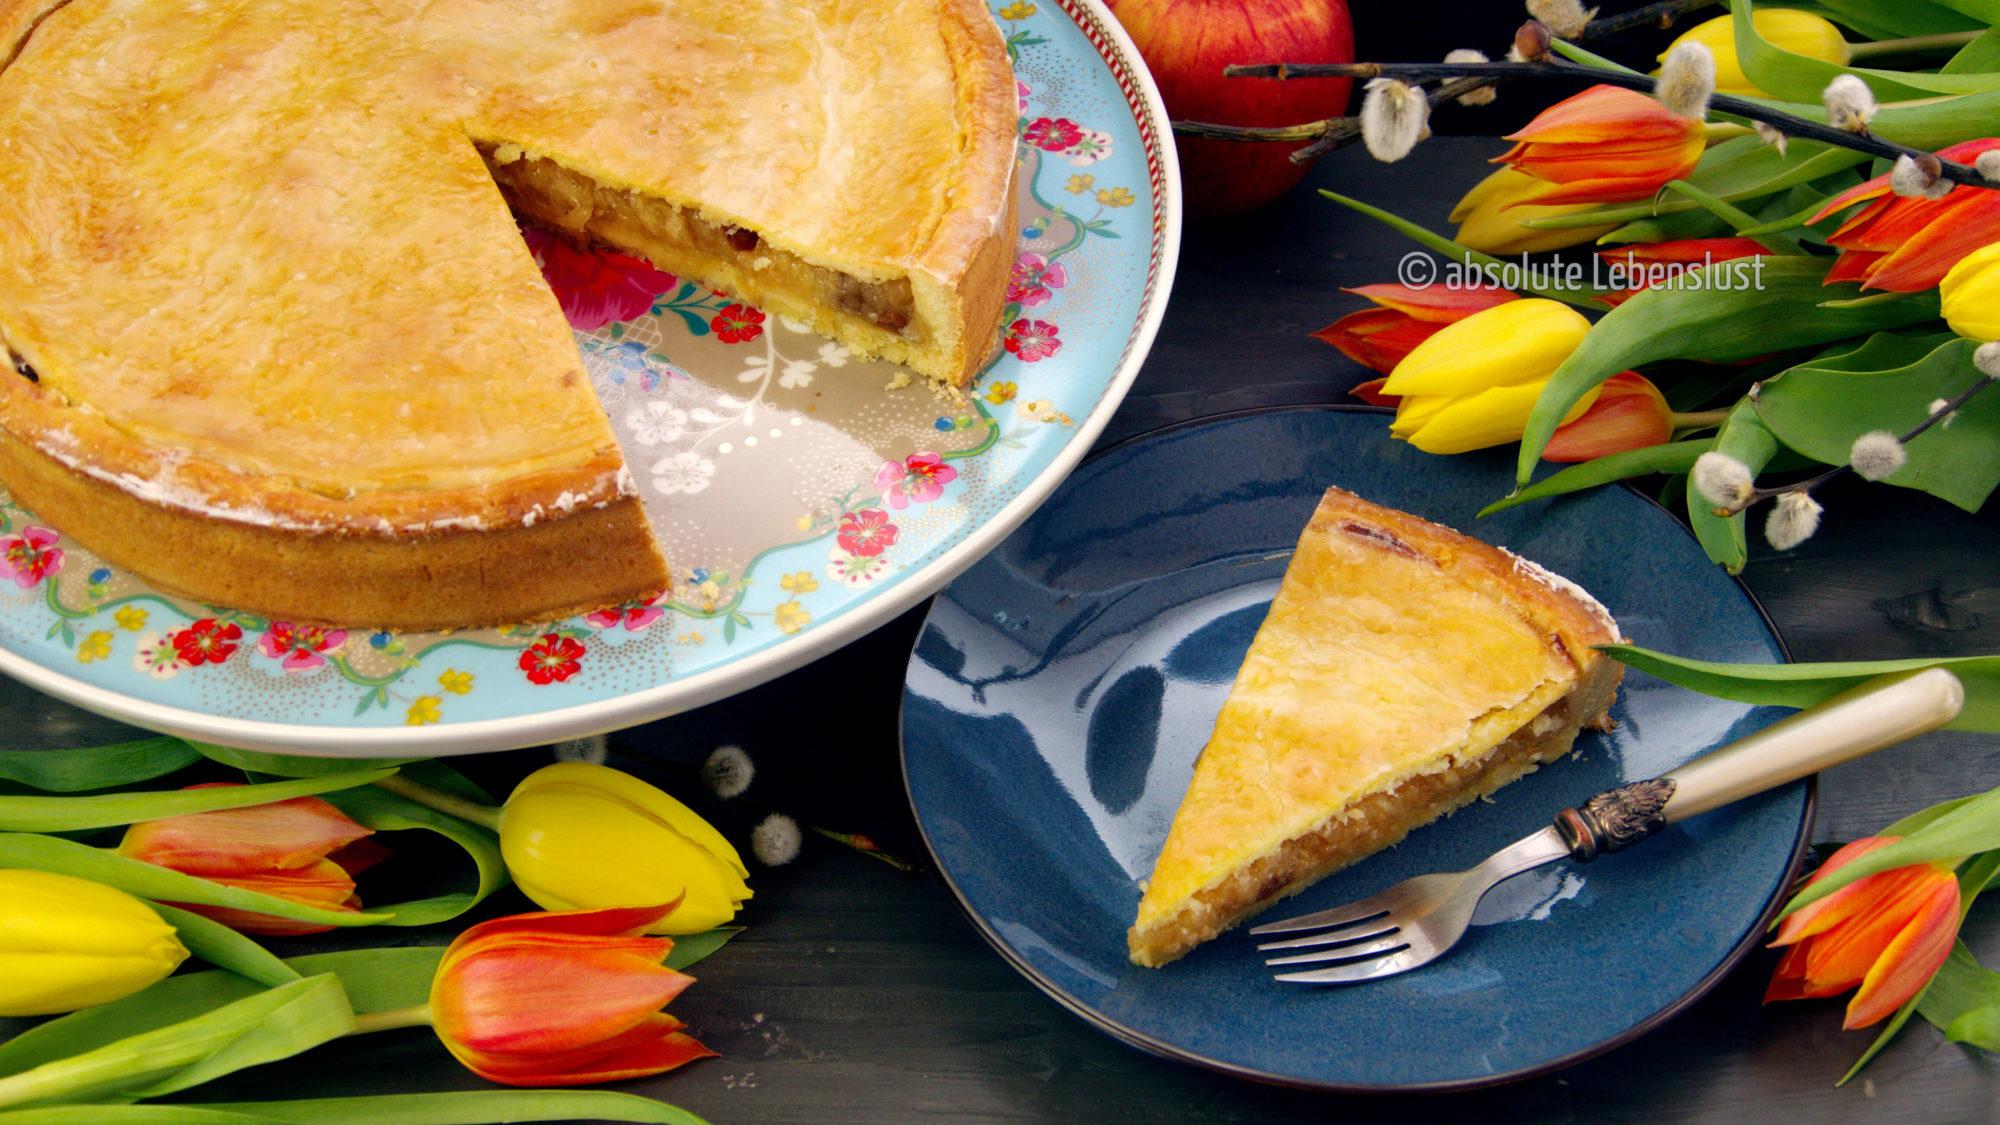 gedeckter apfelkuchen, backen, rezept, selber machen, nach omas rezept, mürbeteig, rosinen, einfach, apfelkuchen rezept, kuchen klassiker